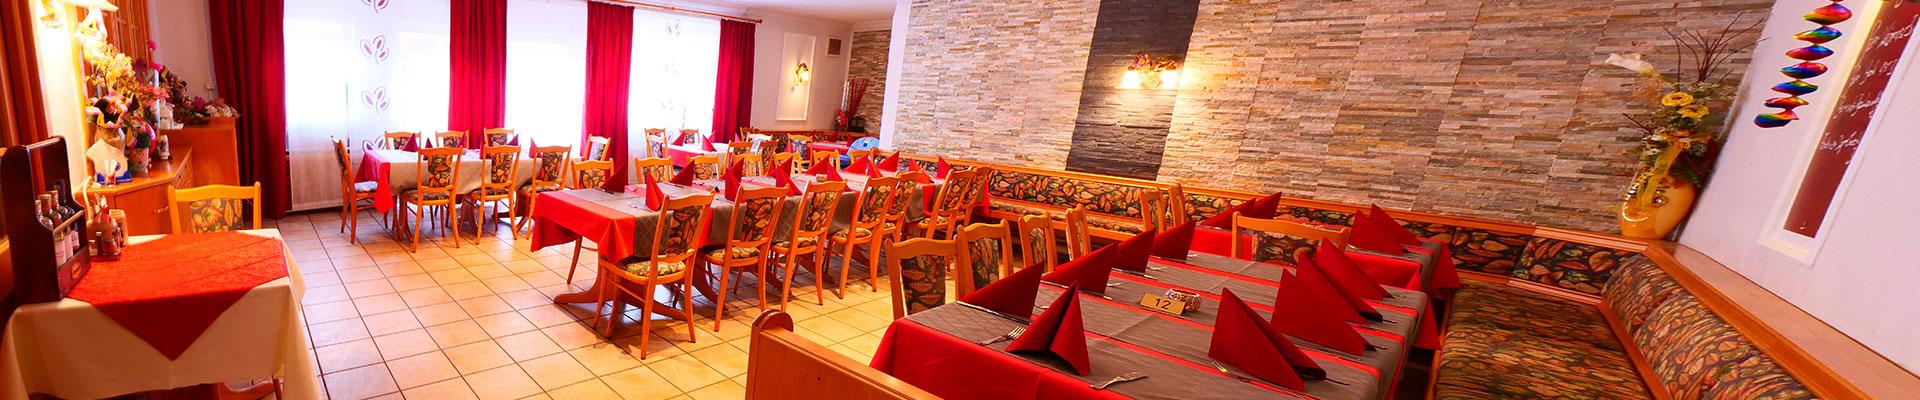 Bei Christian in Massing, Inneneinrichtung des Restaurants